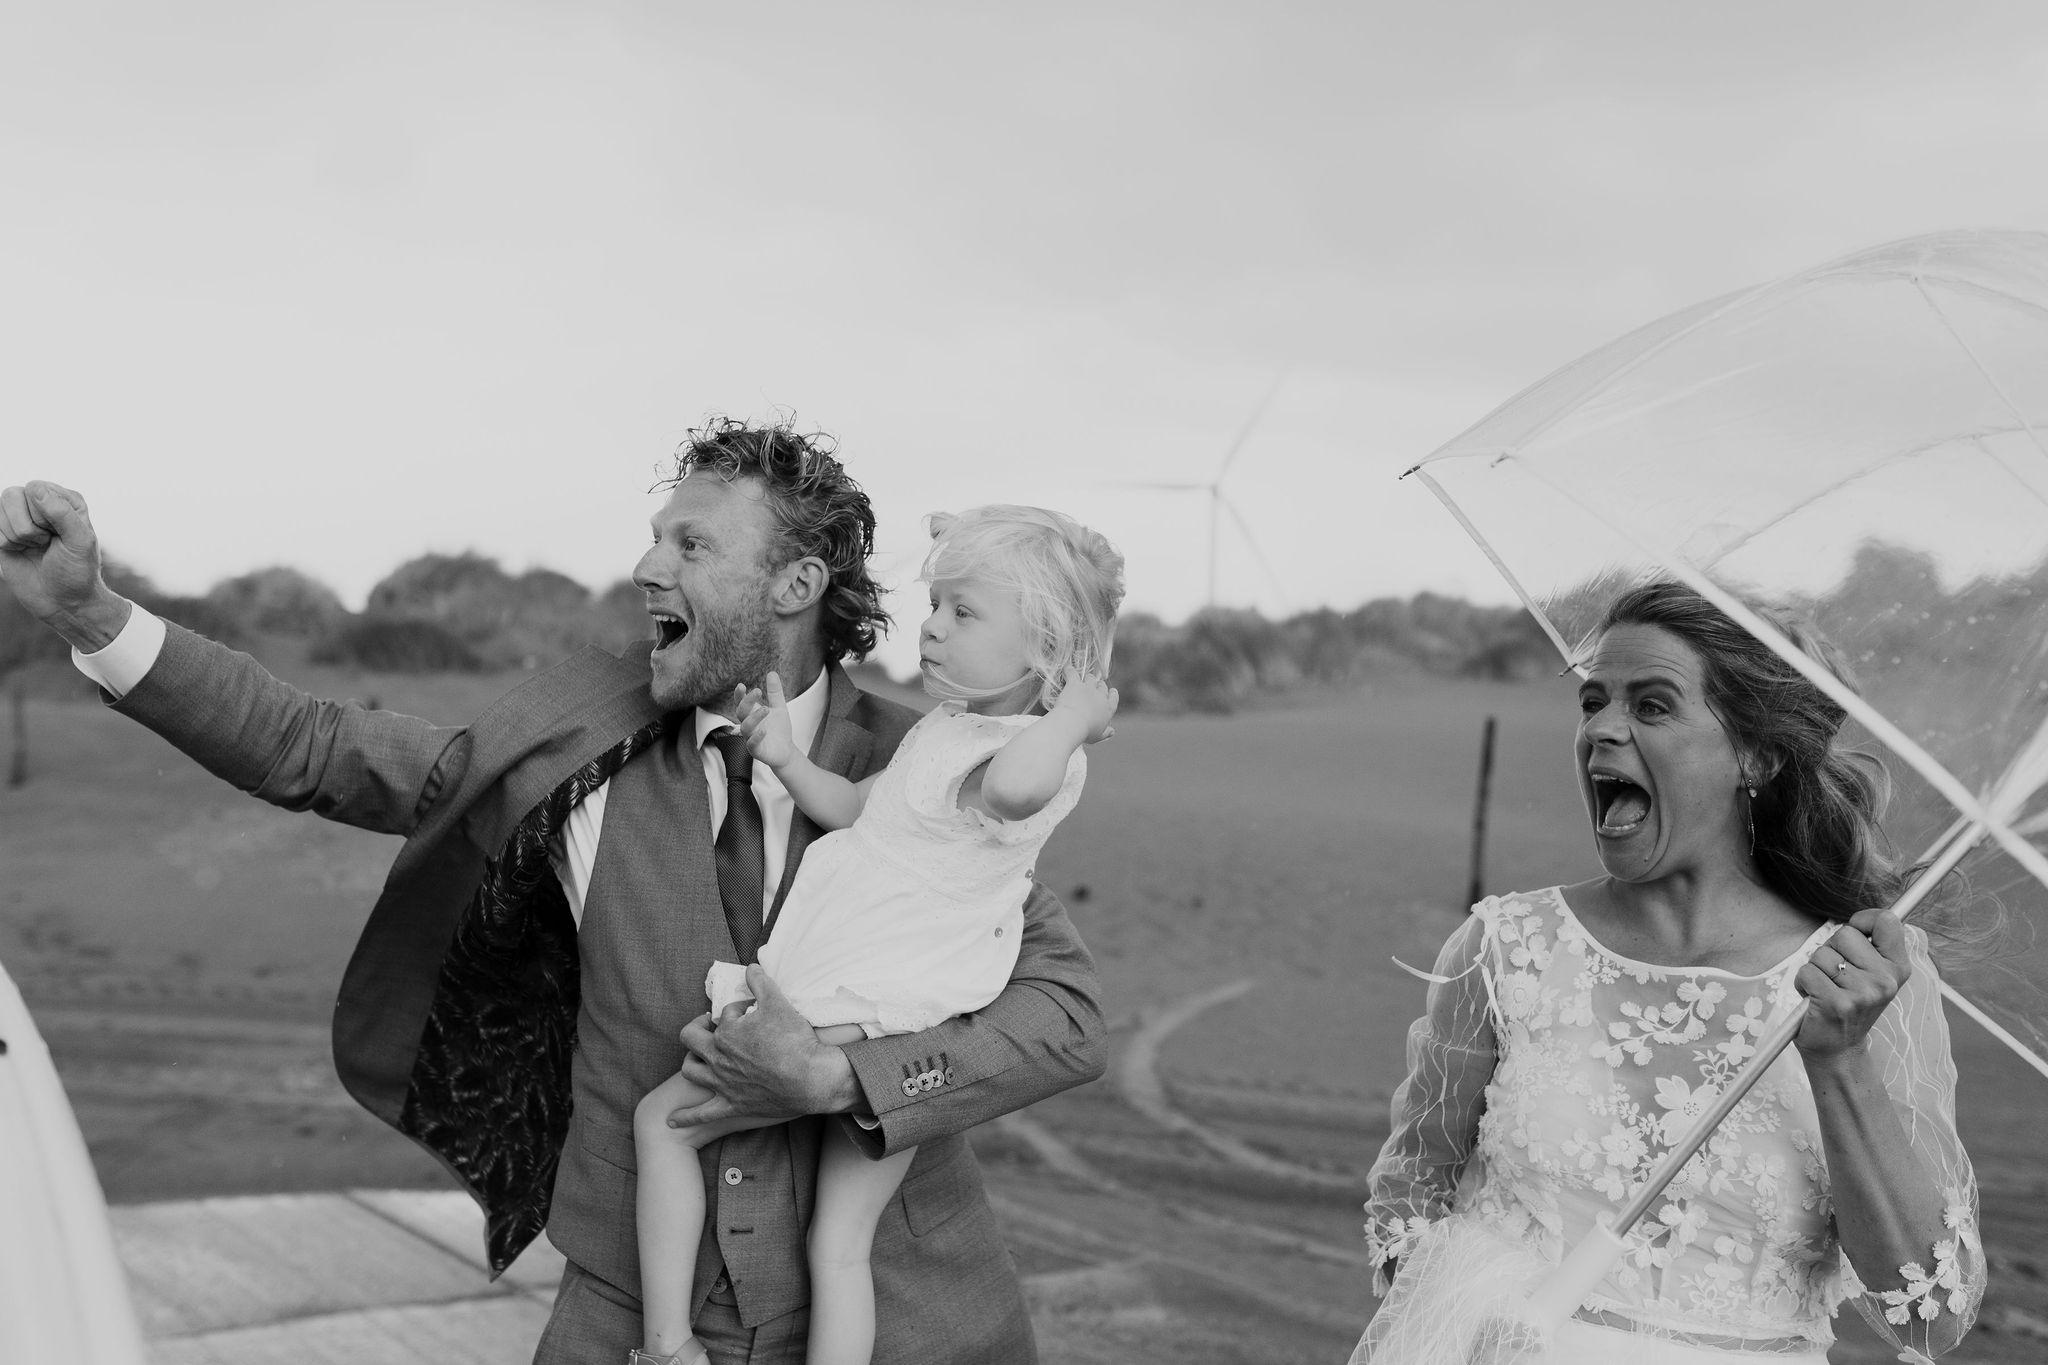 Wind en regen op je bruiloft